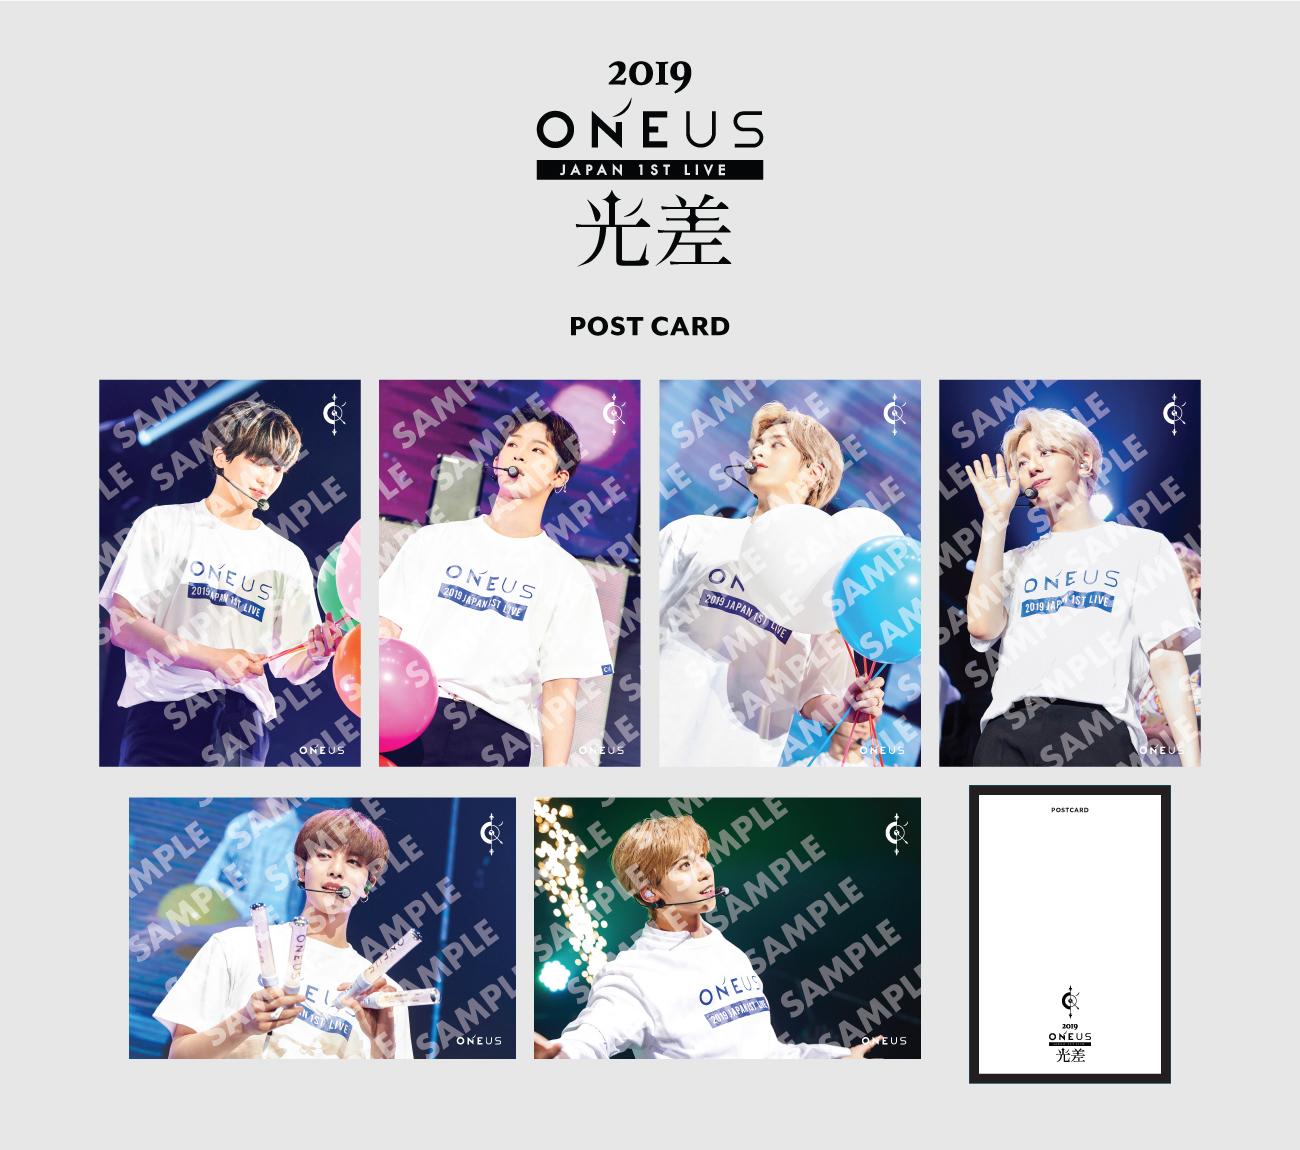 Content_2010_oneus_1stdvd_tokuten_card